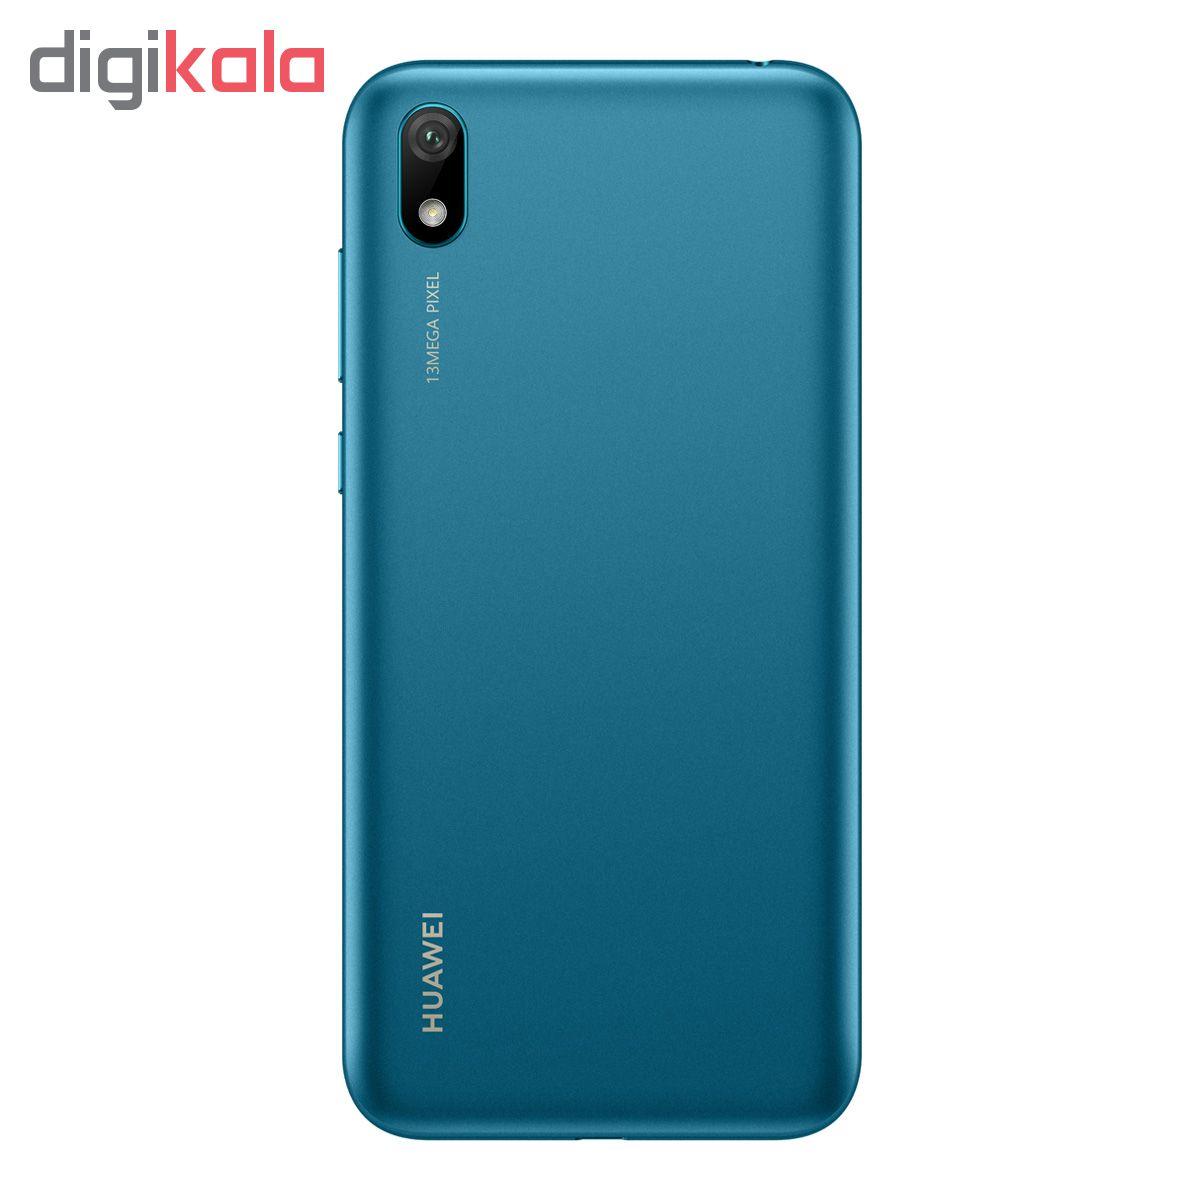 گوشی موبایل هوآوی مدل Y5 2019 AMN-LX9 دو سیم کارت ظرفیت 32 گیگابایت - طرح قیمت شگفت انگیز